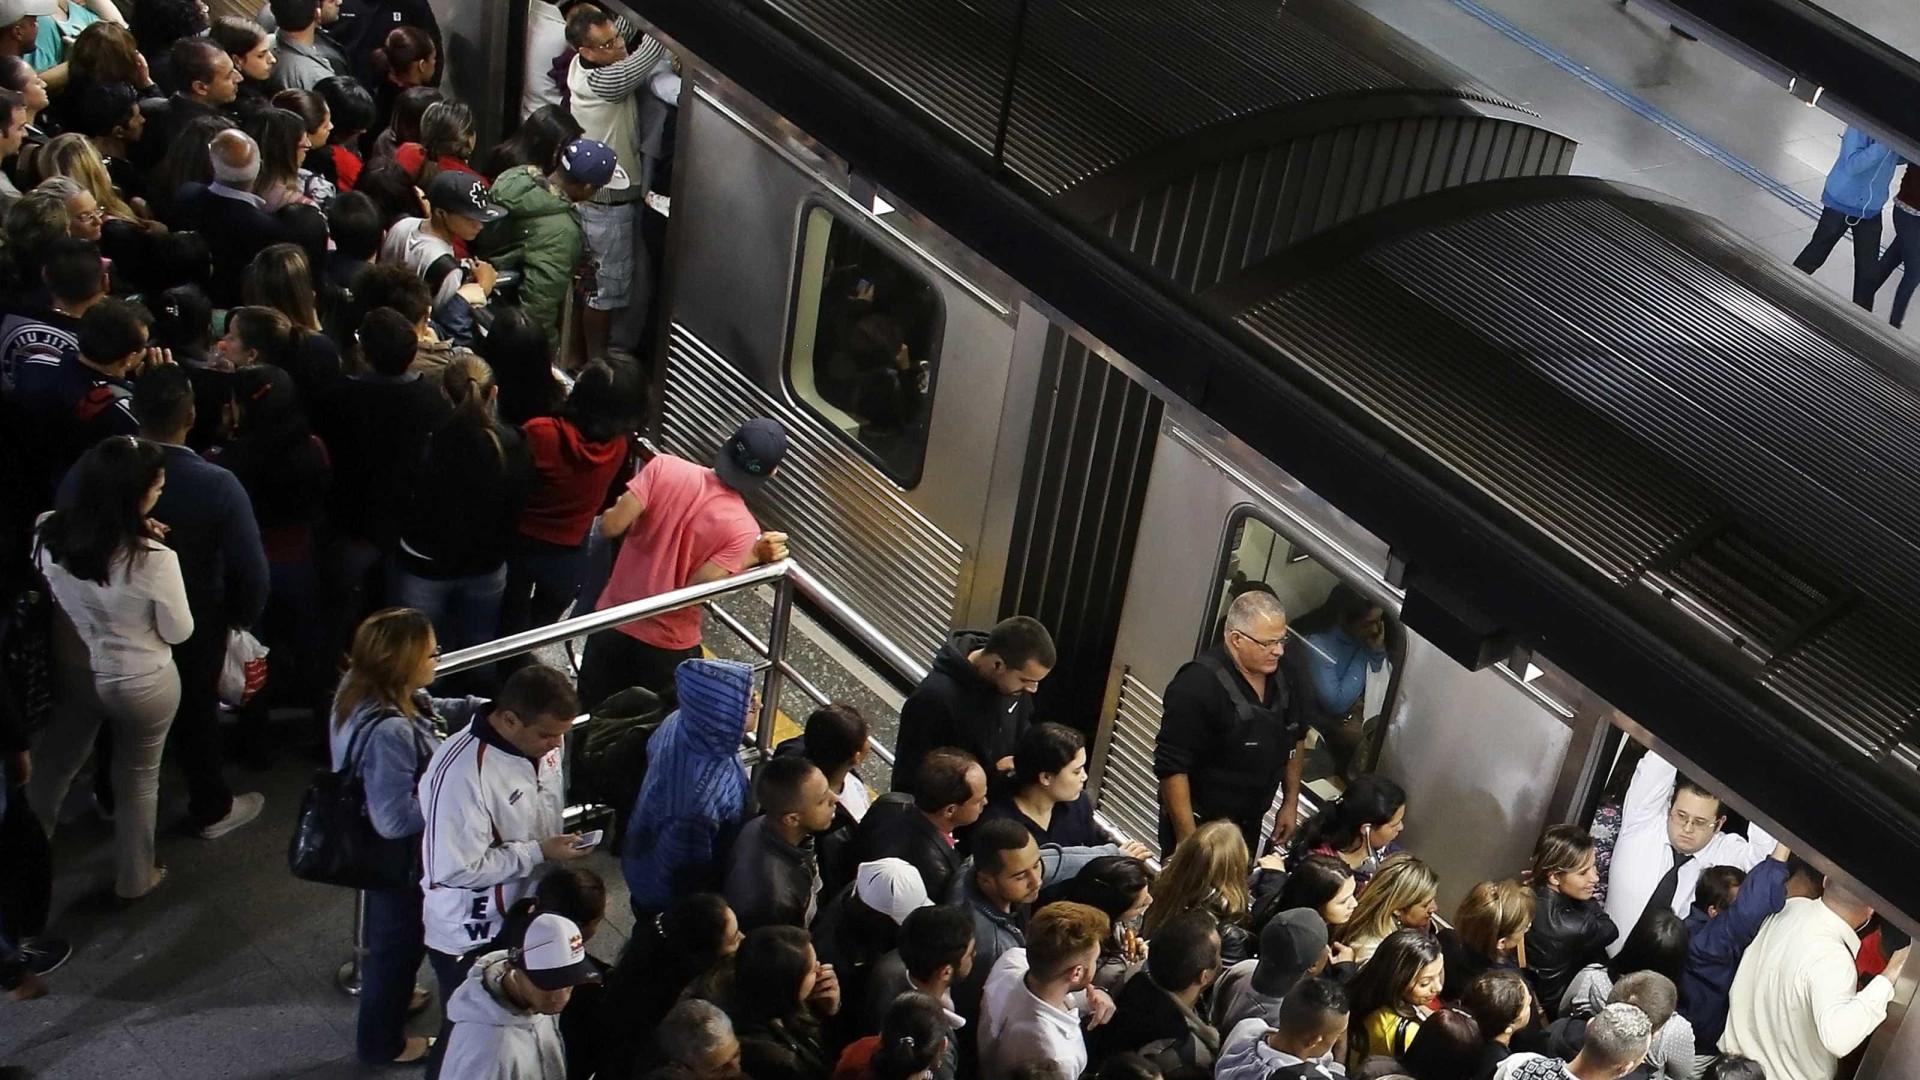 Homem é preso por abusar sexualmente de mulher em vagão de metrô em SP